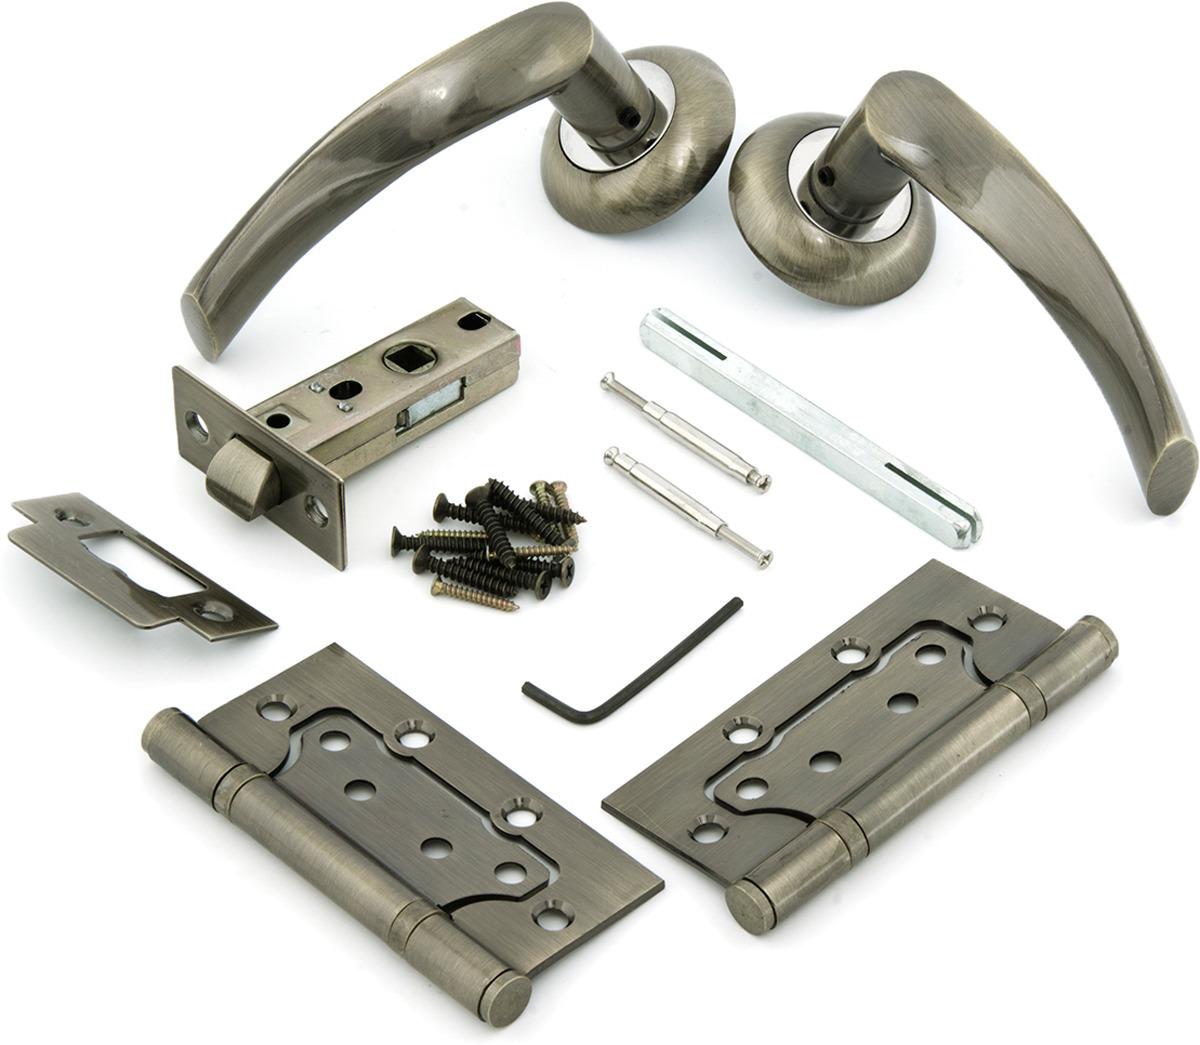 Комплект для двери Фабрика замков, цвет: бронза. СТ-00000005 комплект для двери фабрика замков ст 00000100